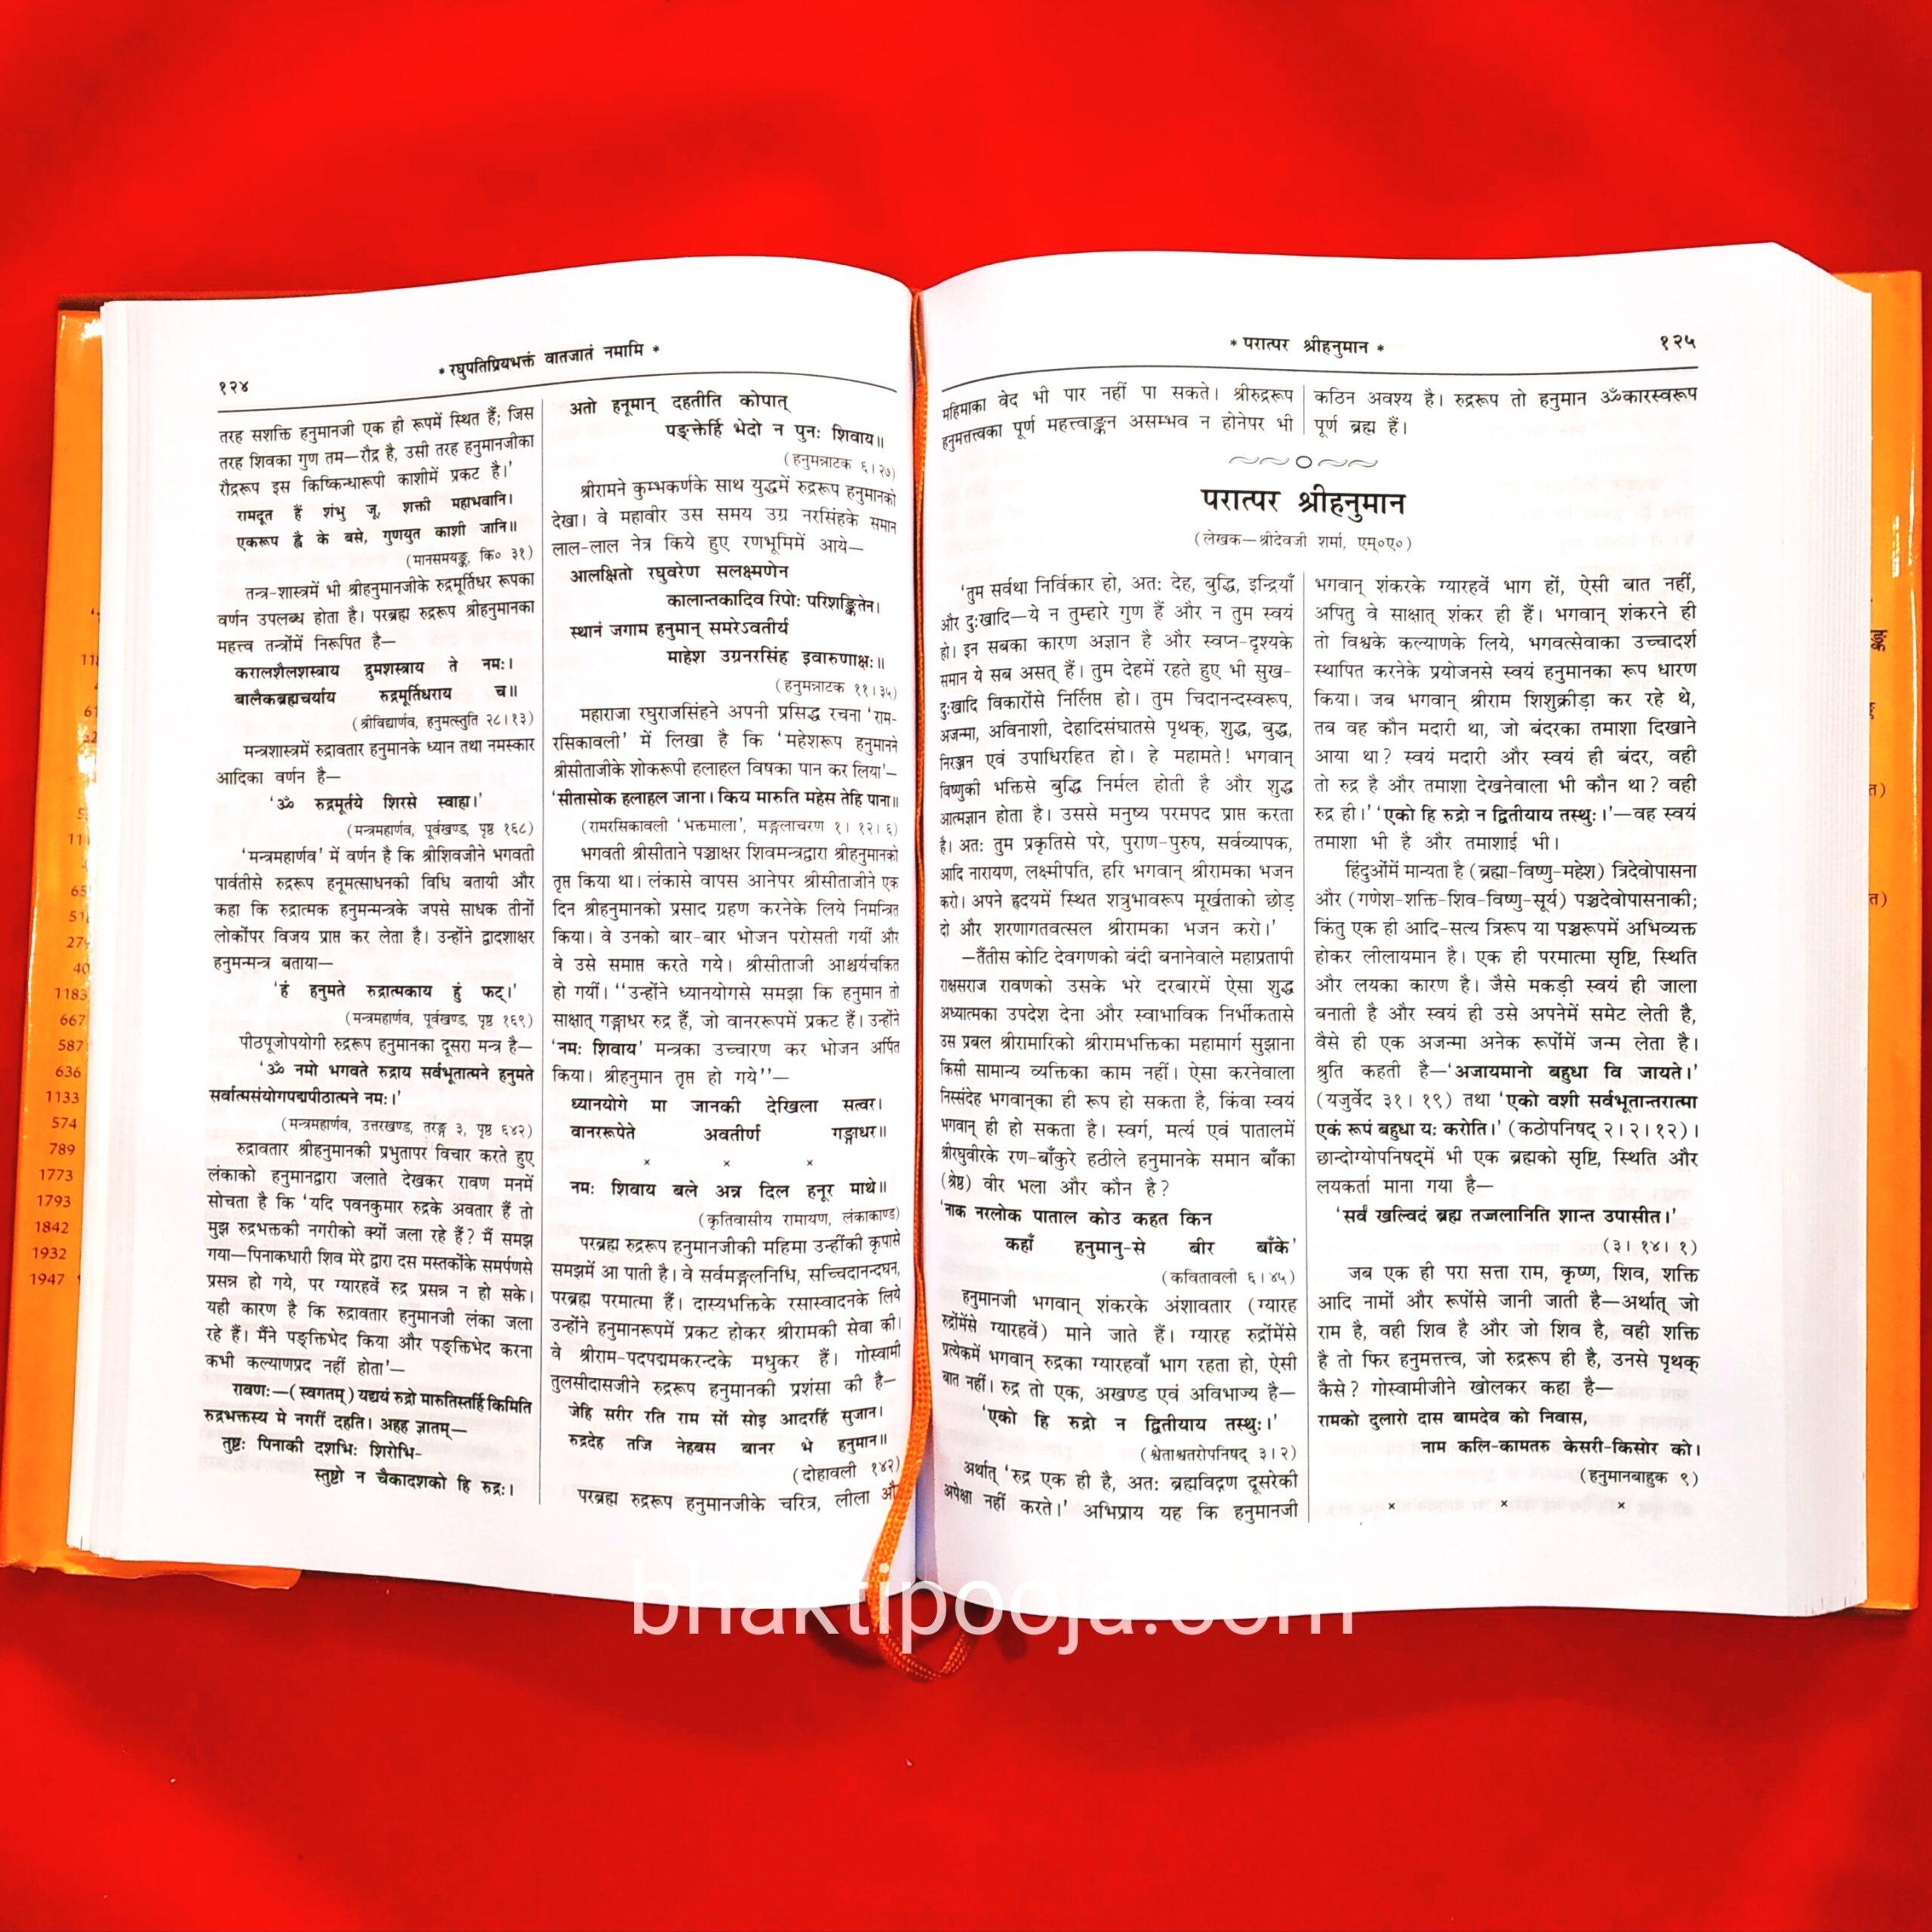 hanuman upasana book